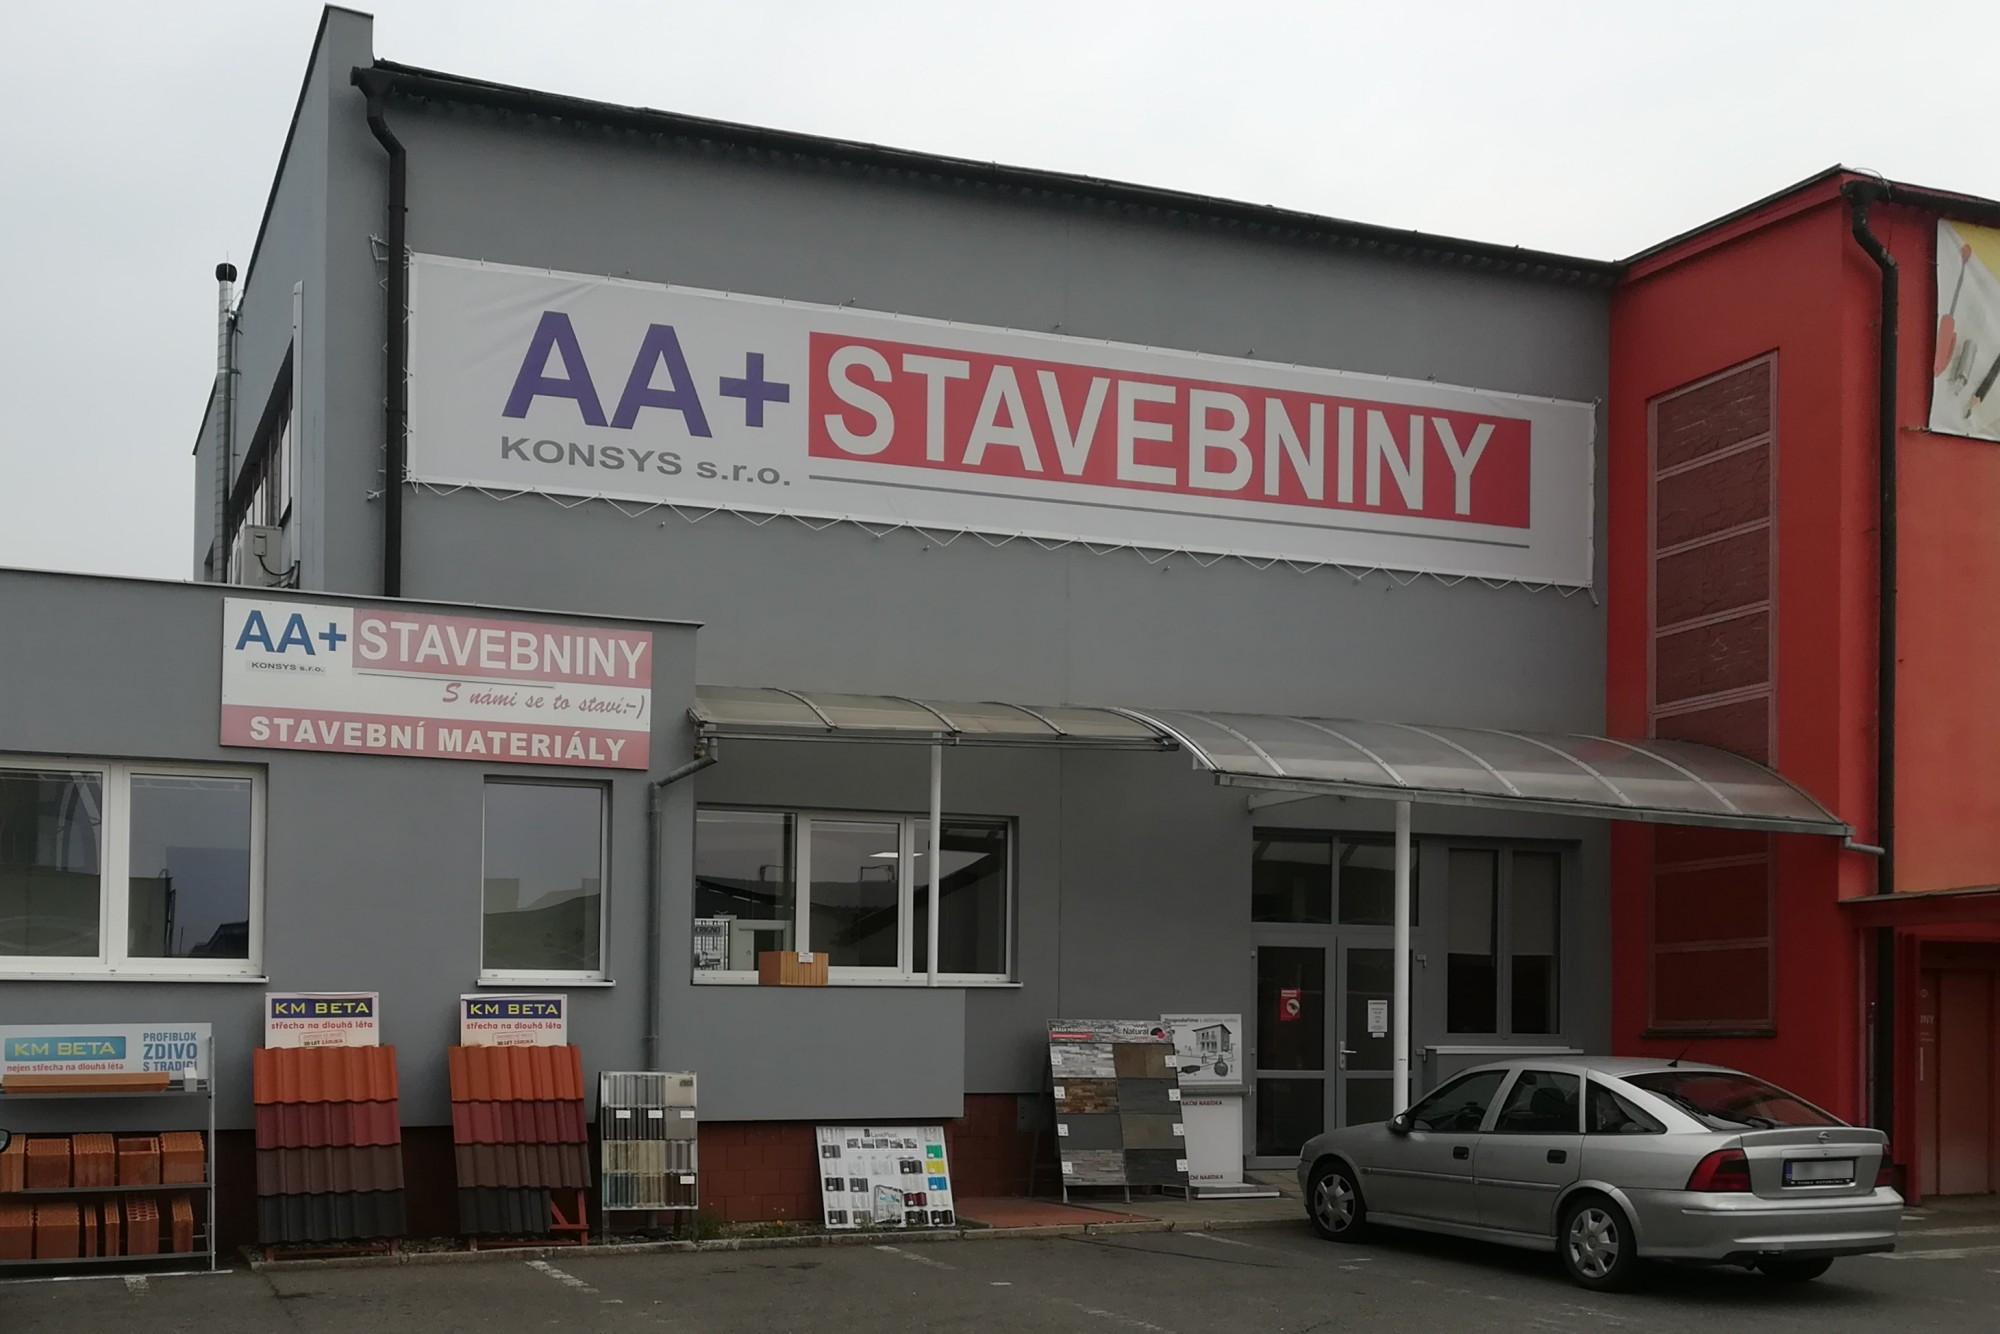 Sběrné místo AA+STAVEBNINY KONSYS s.r.o. - Olomouc